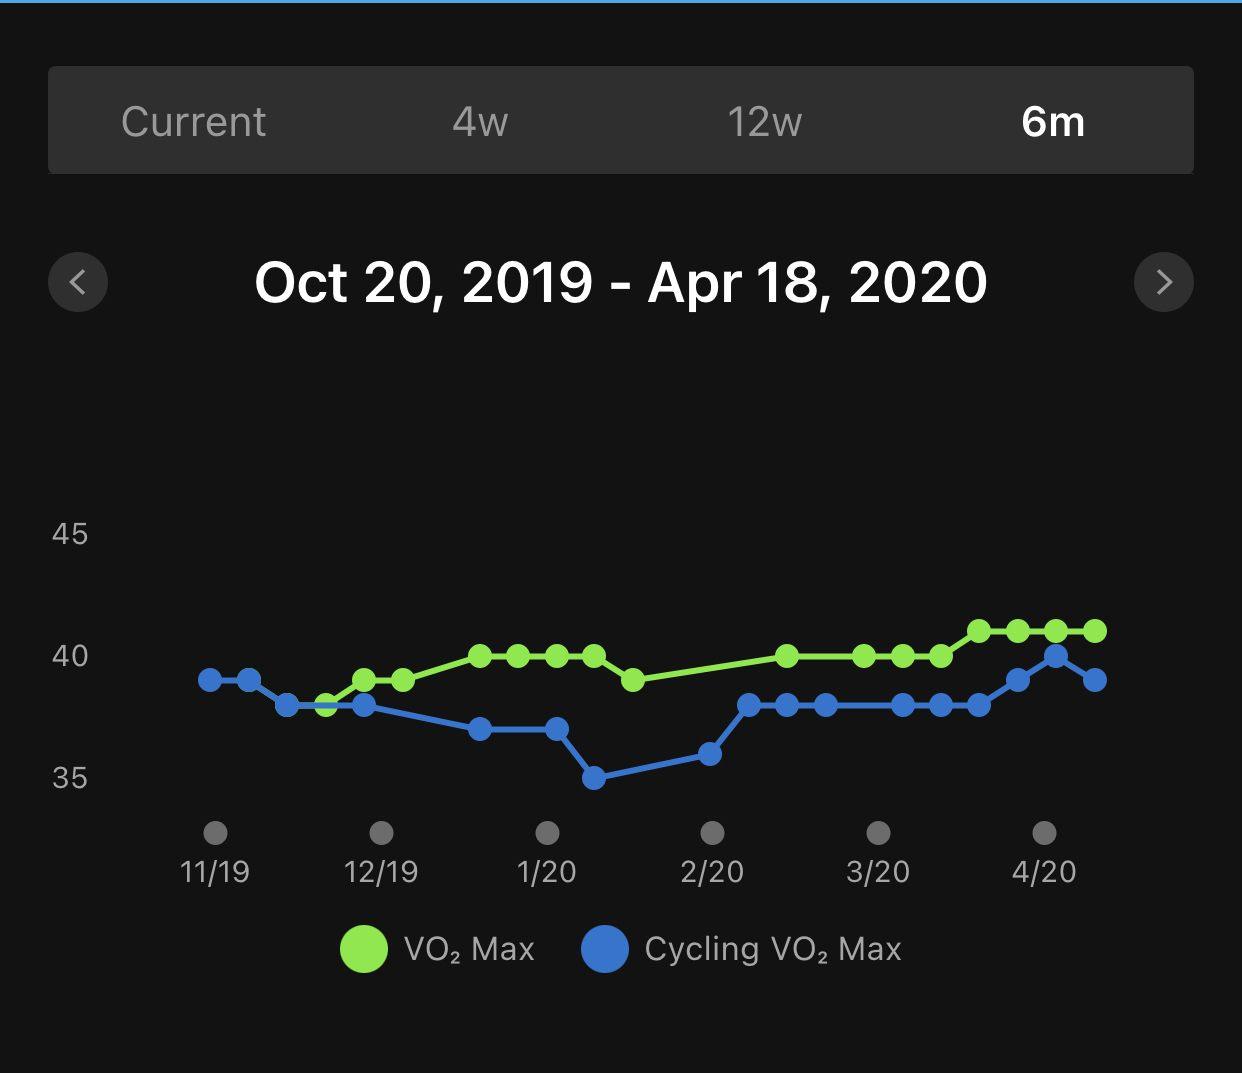 VO2-MAx-OCt2019-Apr2020